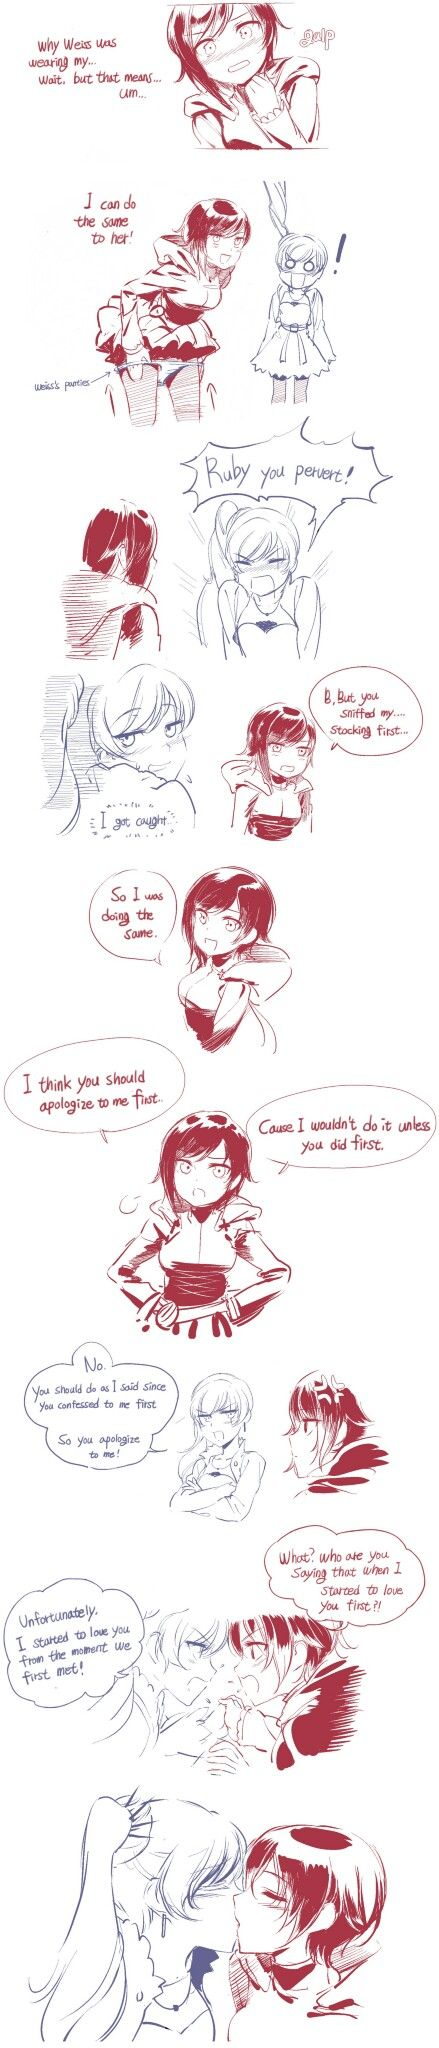 Pin By Mark Shax On Rwby Rwby Rwby Red Rwby Anime